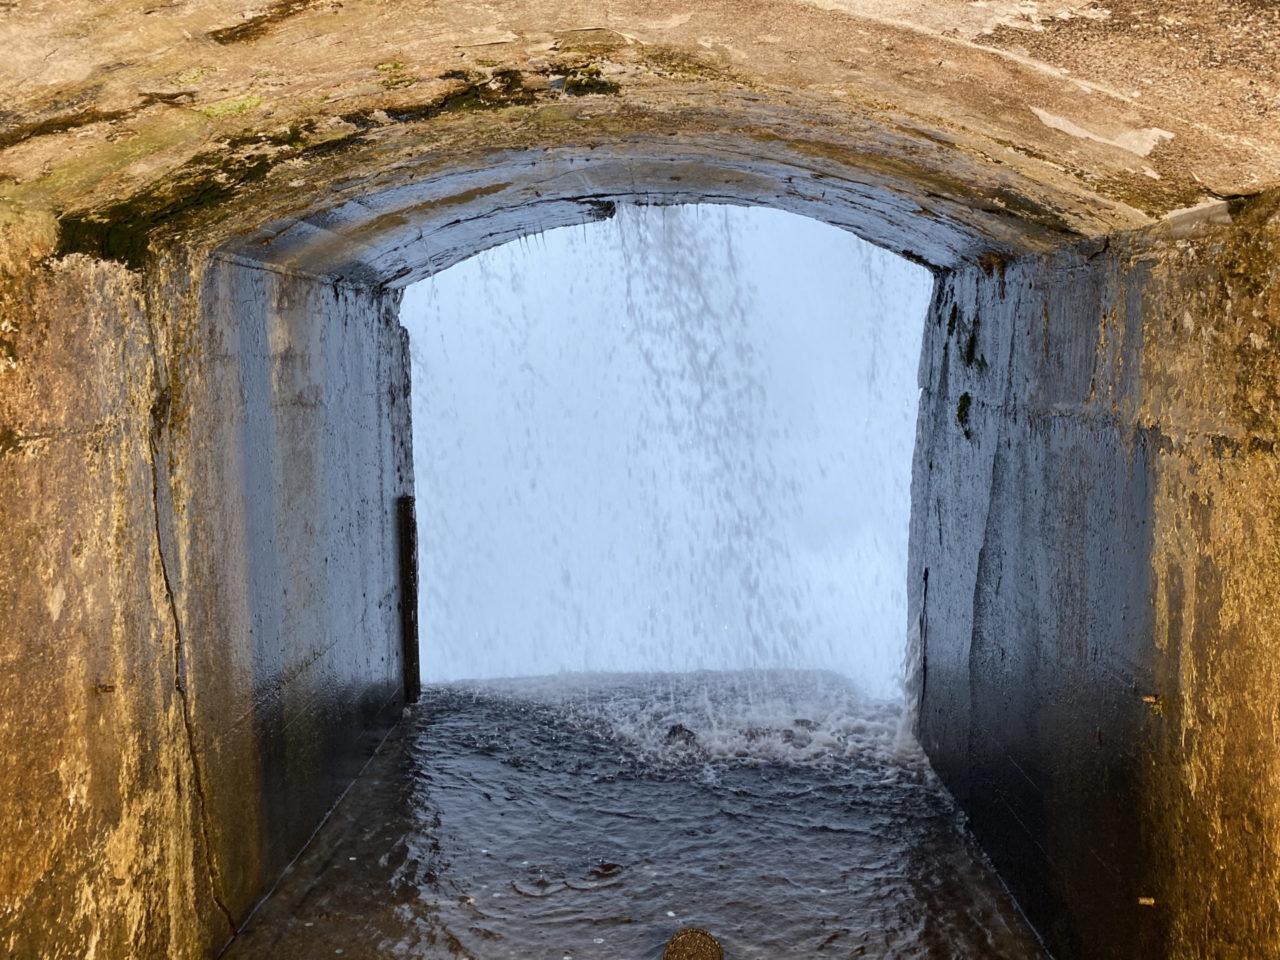 Tunnel mit Blick auf Wasserfall